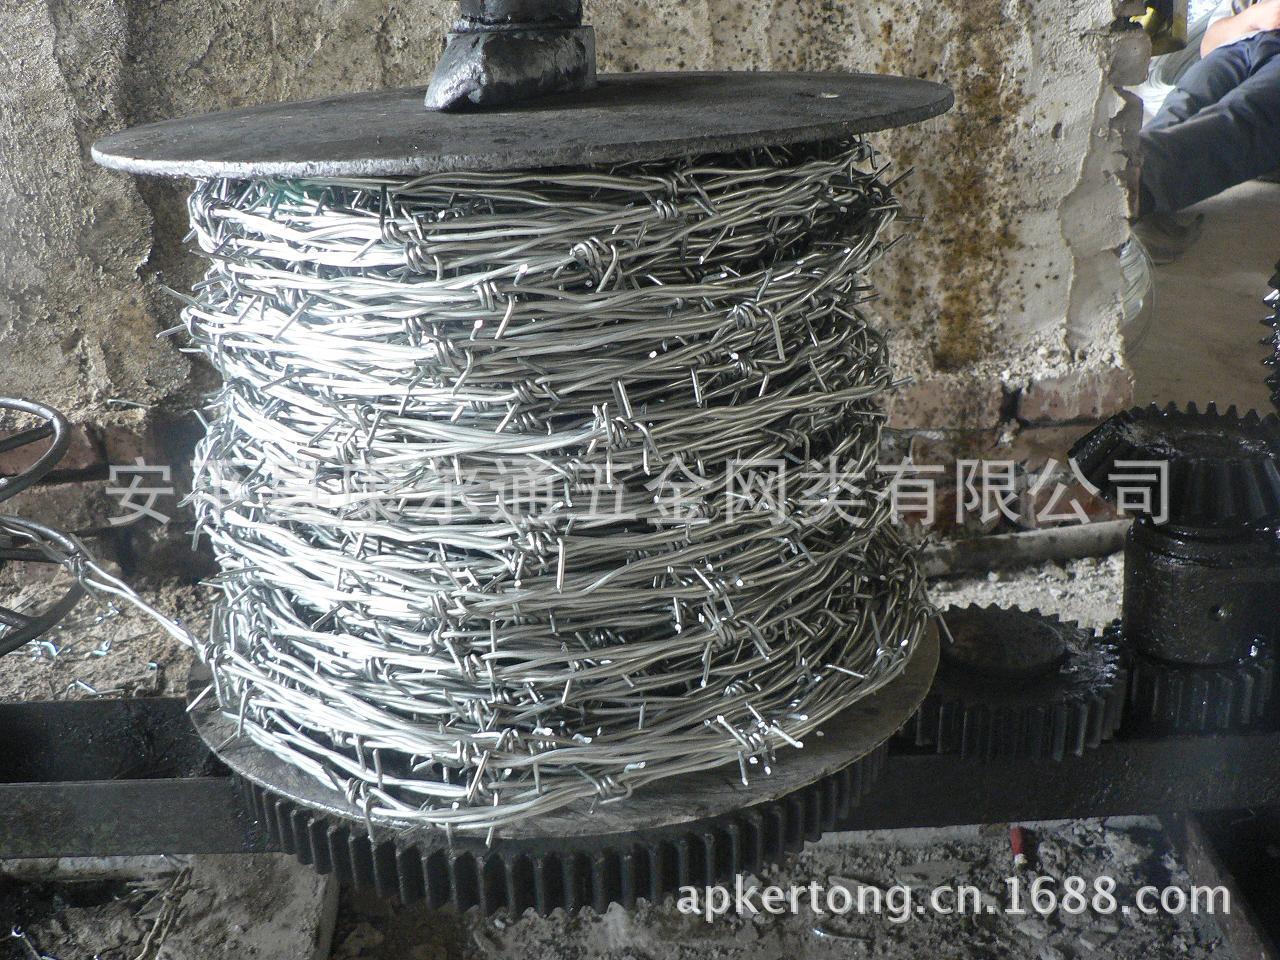 Nhà sản xuất gai dây kim loại dây thừng ướp, chống lão hóa